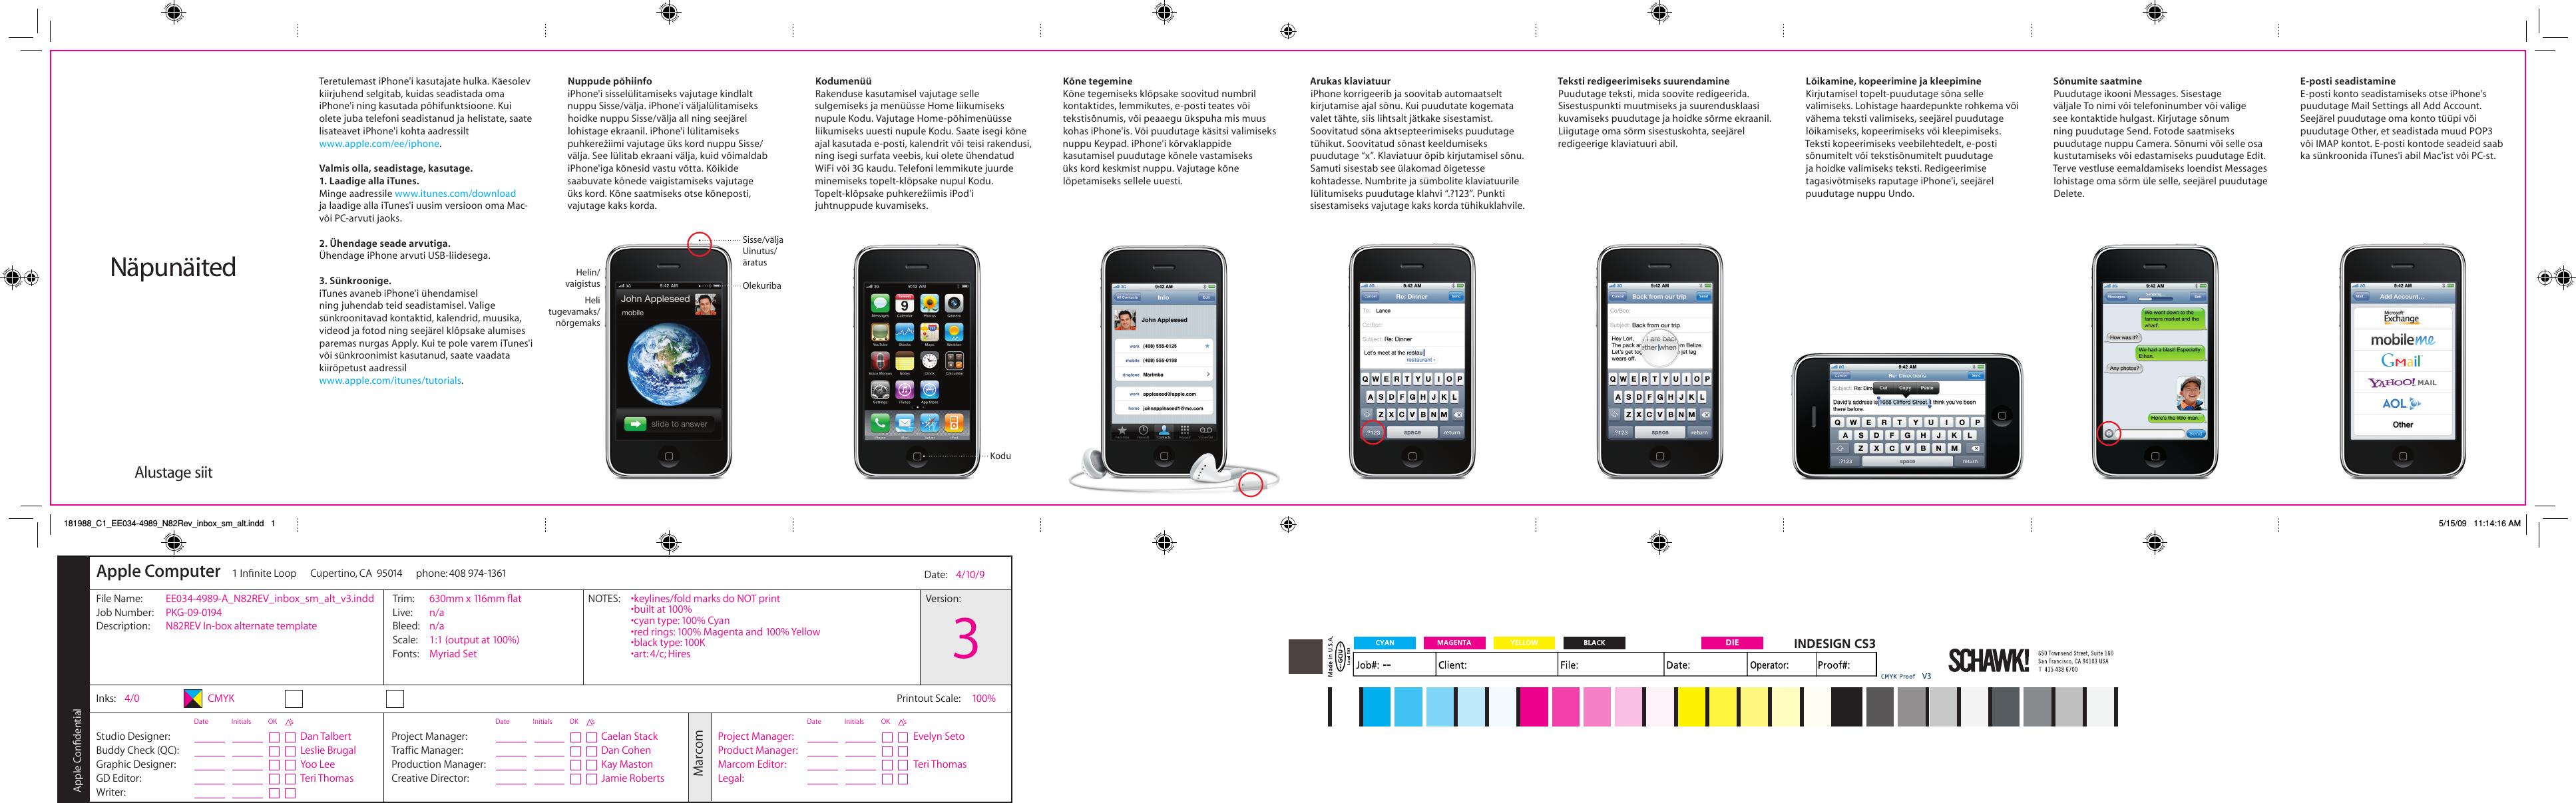 Инструкция пользователя iphone 3g